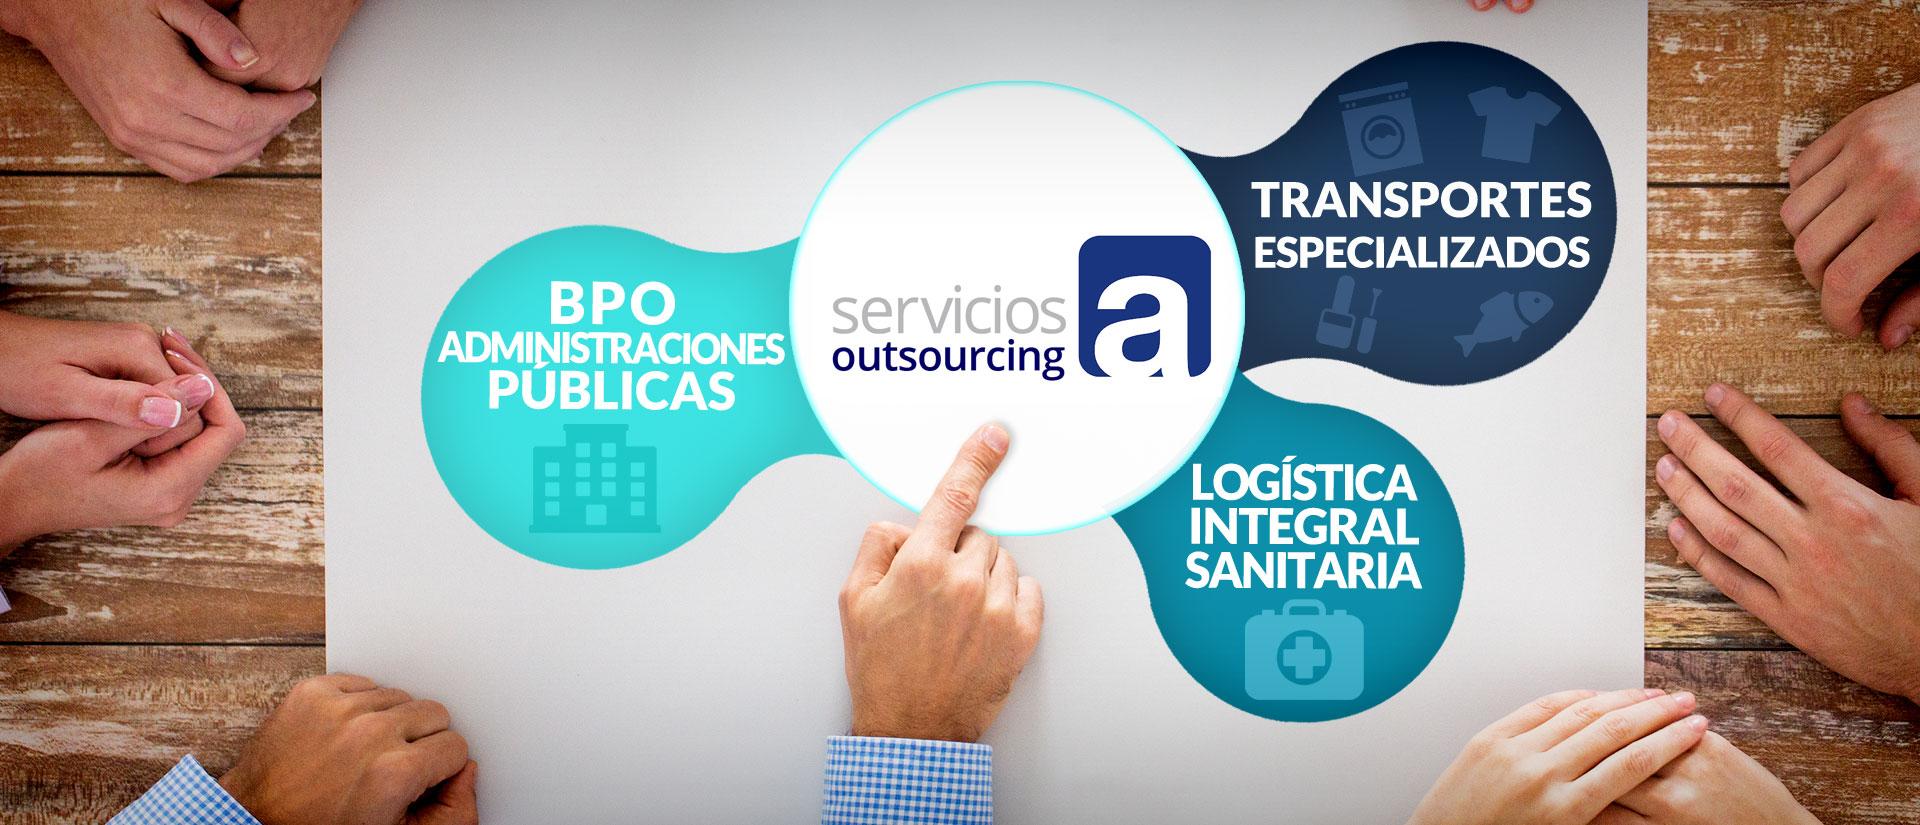 Servicios Oursourcing